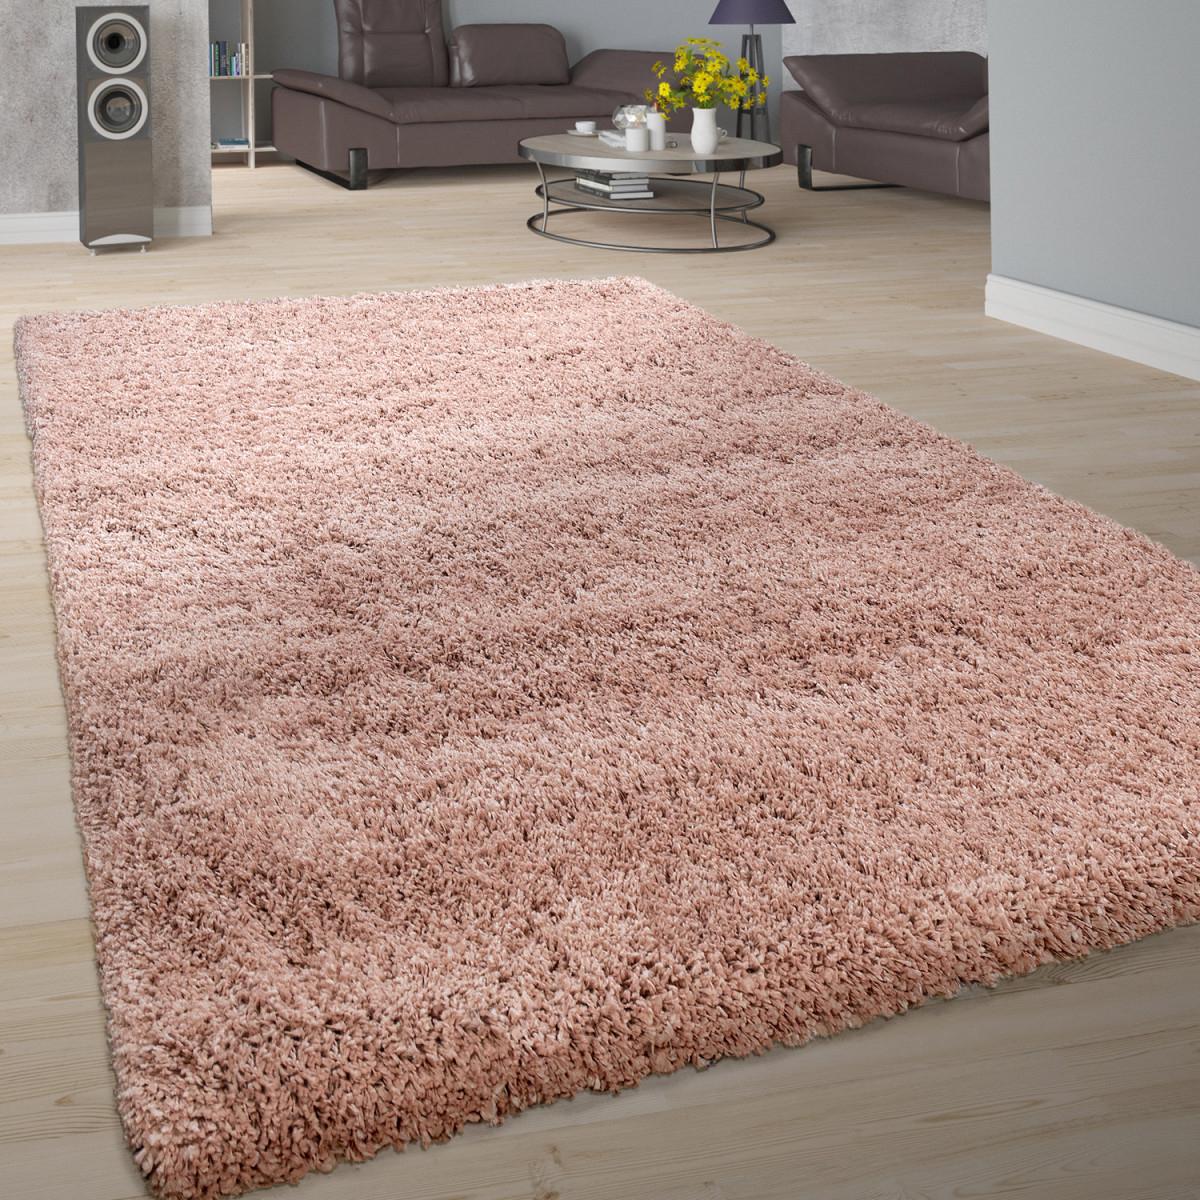 Details Zu Teppich Wohnzimmer Soft Shaggy Hochflor Modern Flauschig  Einfarbig In Rosa von Wohnzimmer Teppich Rosa Bild